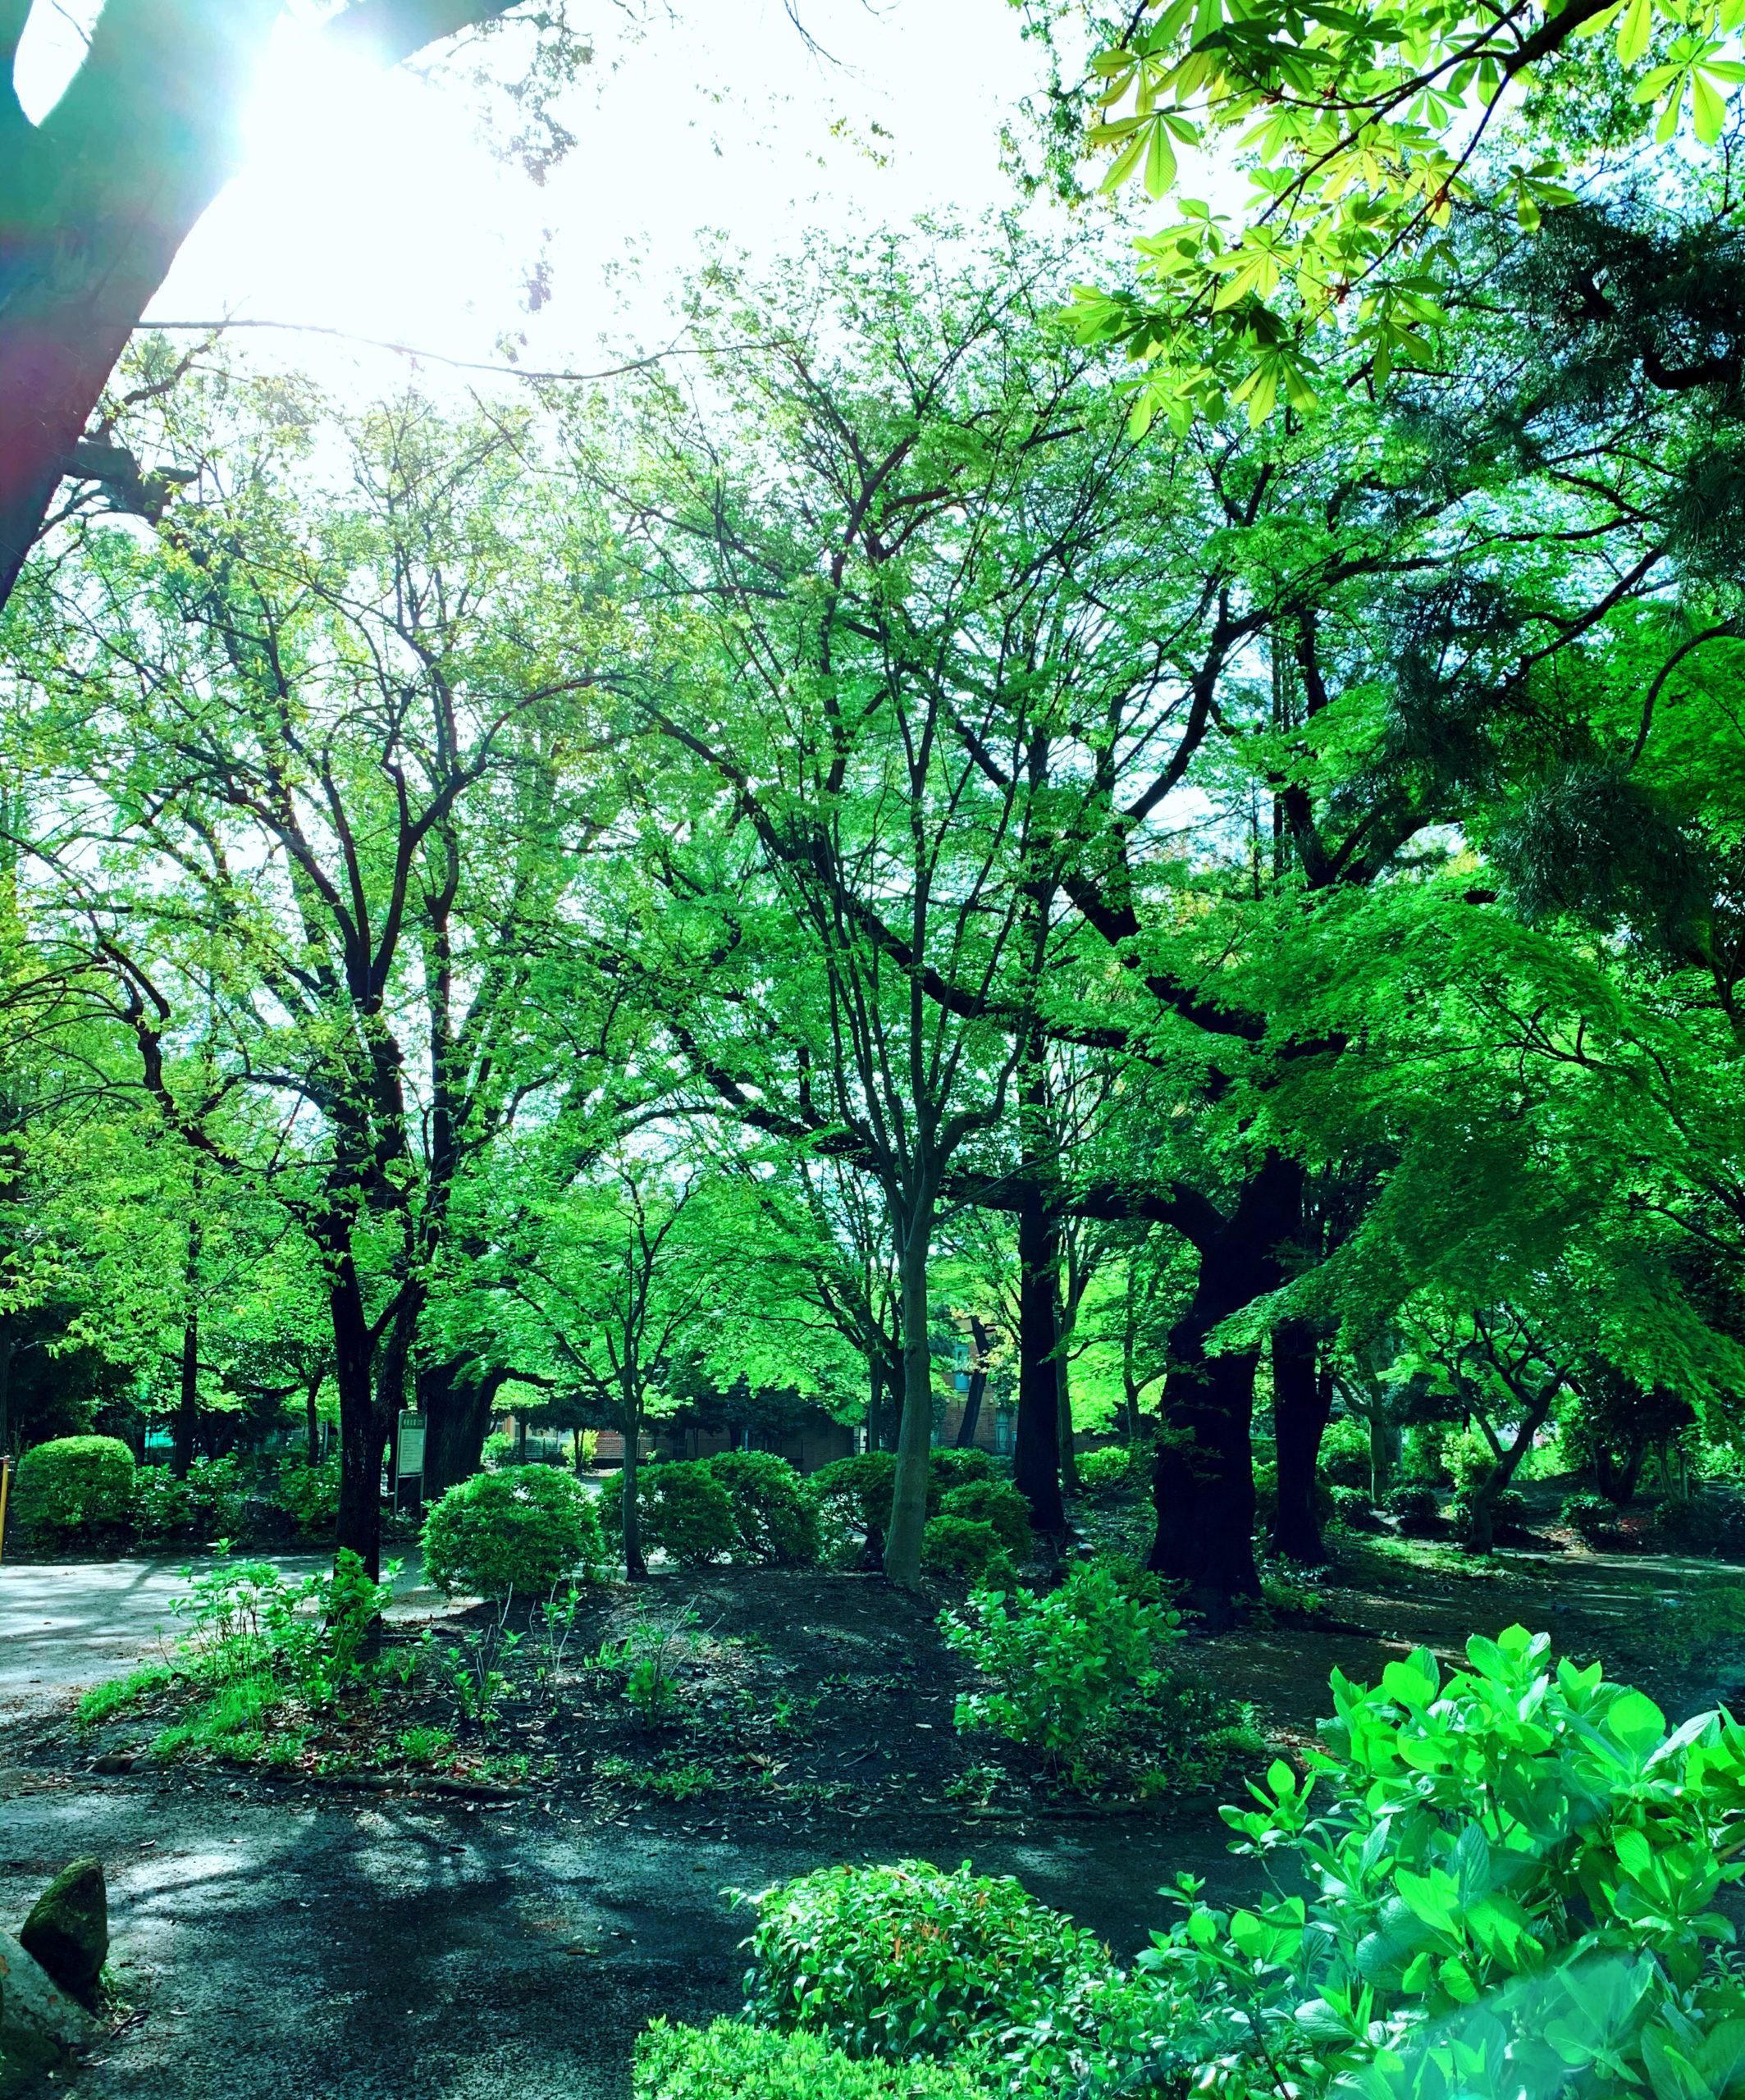 朝から新緑を楽しみました!の投稿写真